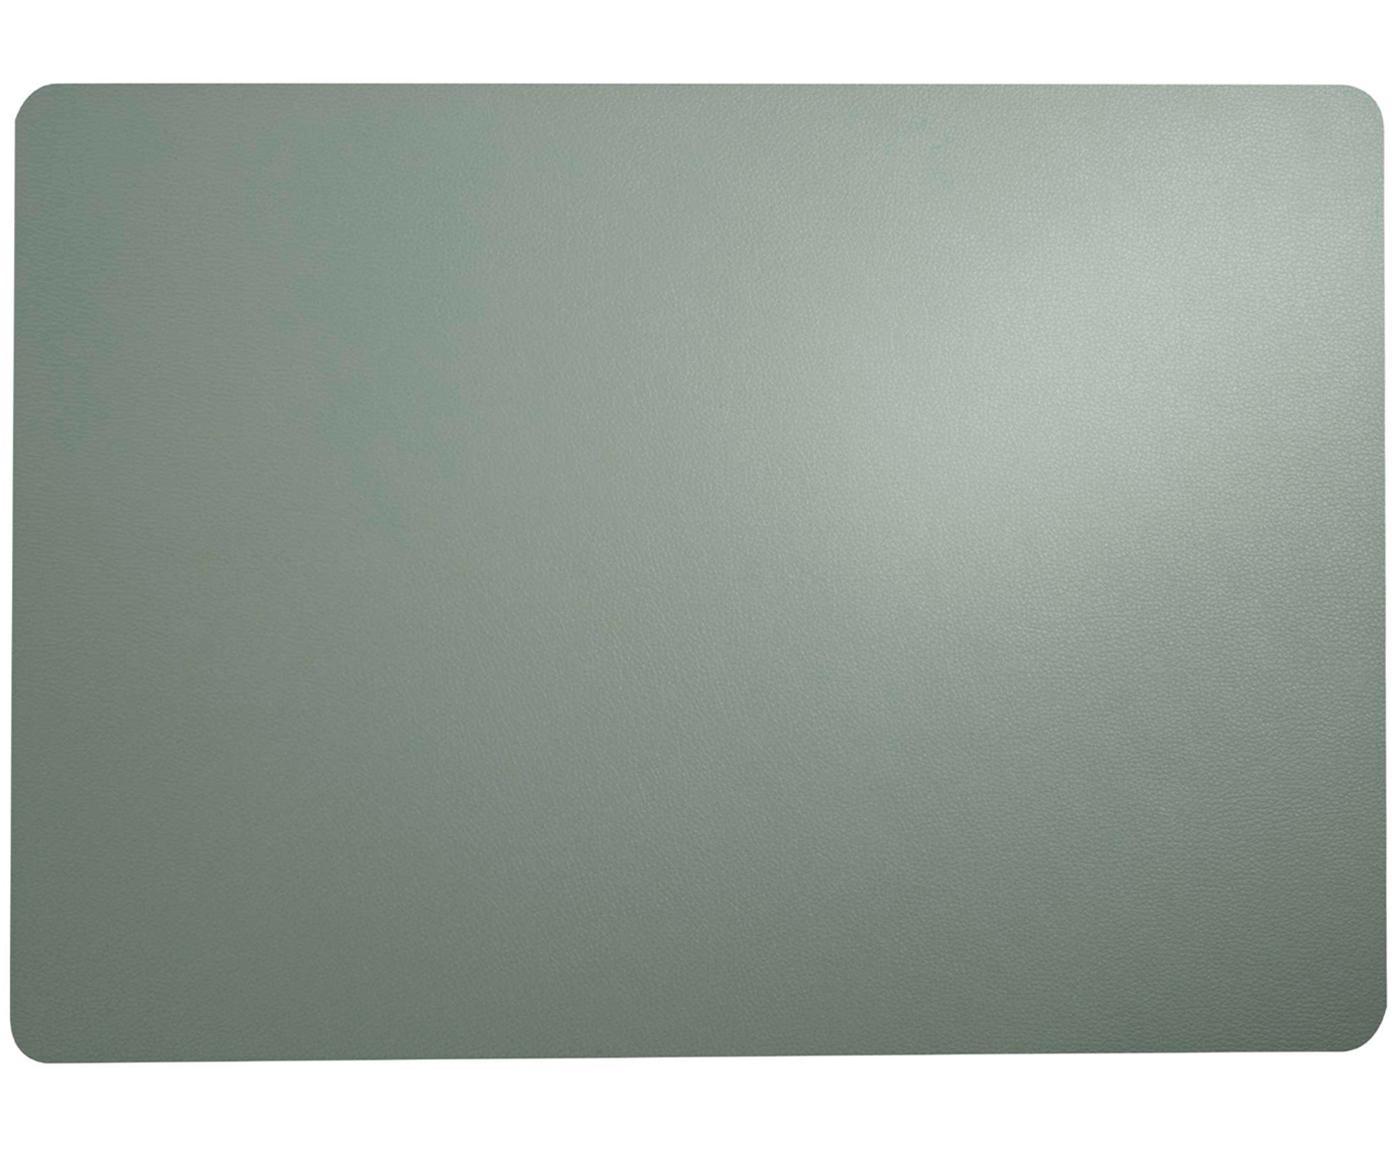 Kunststoffen placemats Pik van kunstleer, 2 stuks, Kunststof (PVC) van kunstleer, Mintgroen, 33 x 46 cm